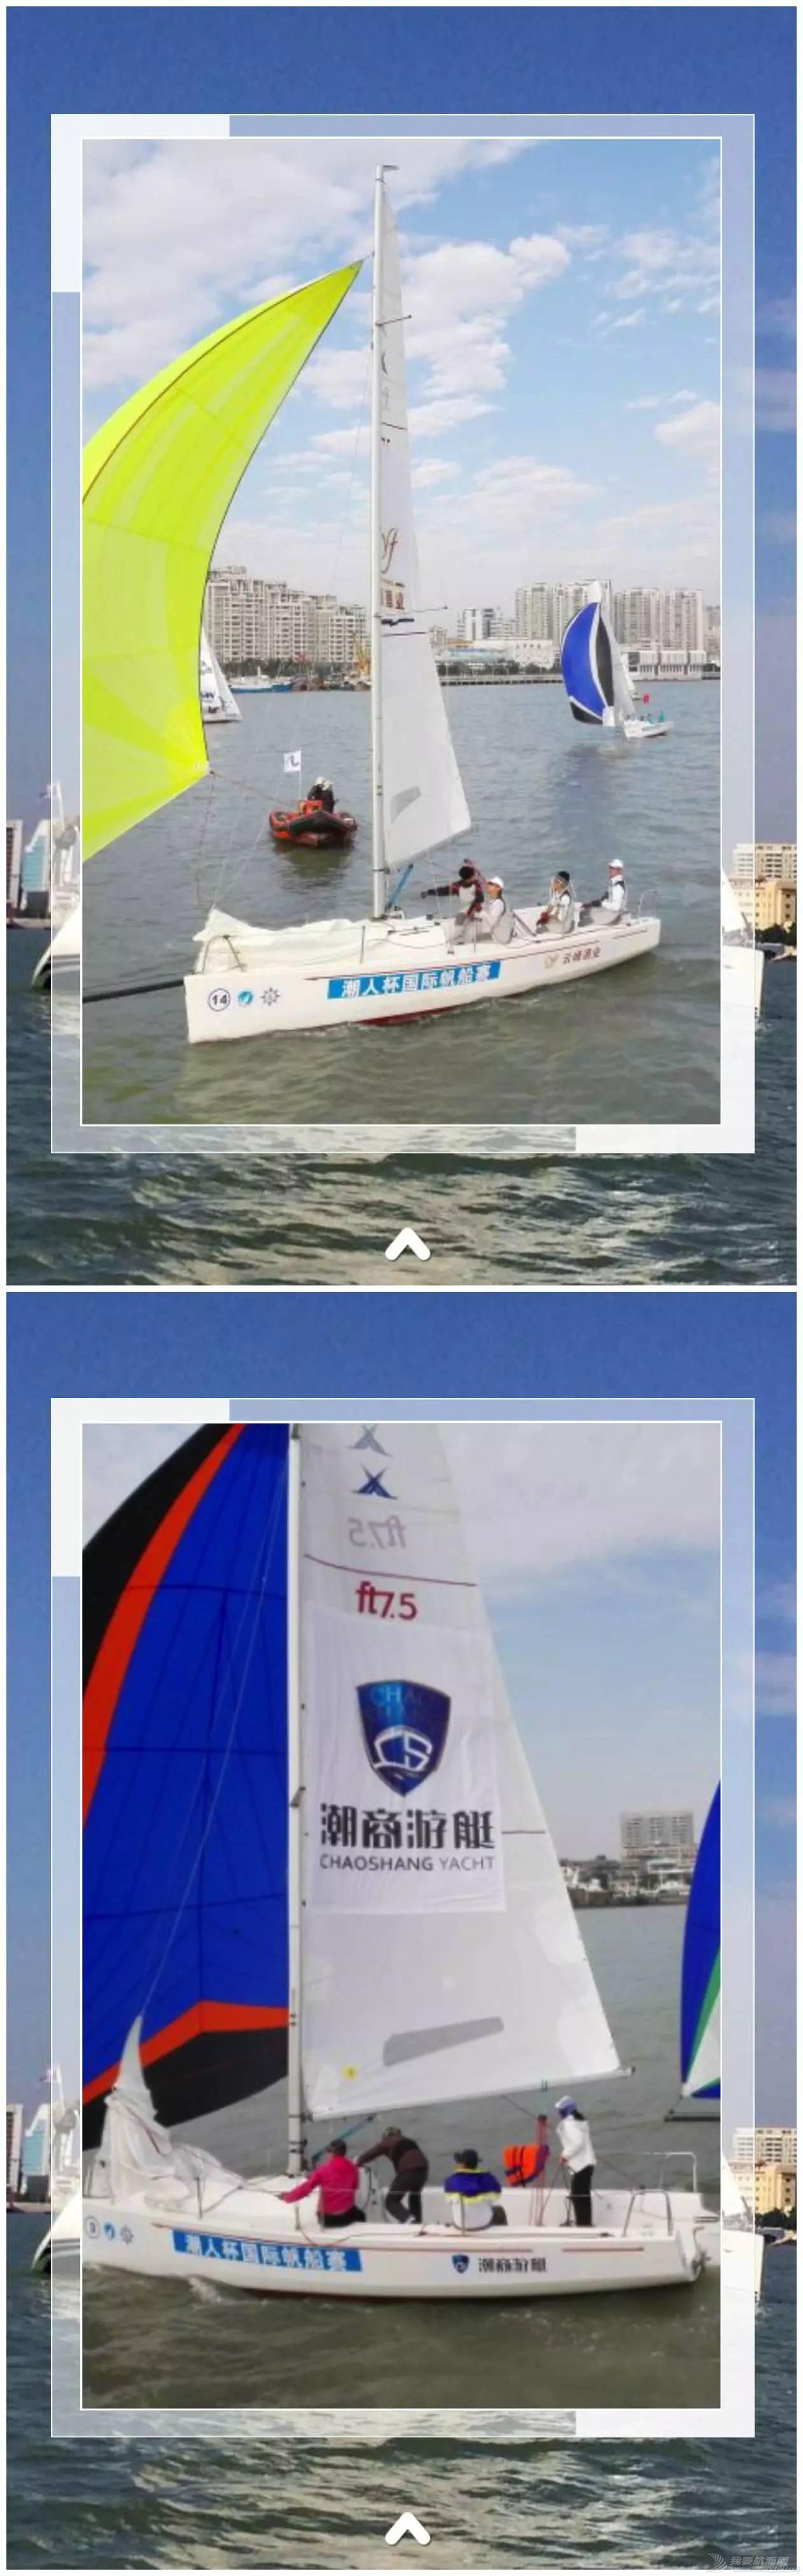 国际,微博 11月,一起扬帆潮人杯国际帆船赛! 5160d3ecf050a32b49c5ac83ba4ab810.jpg